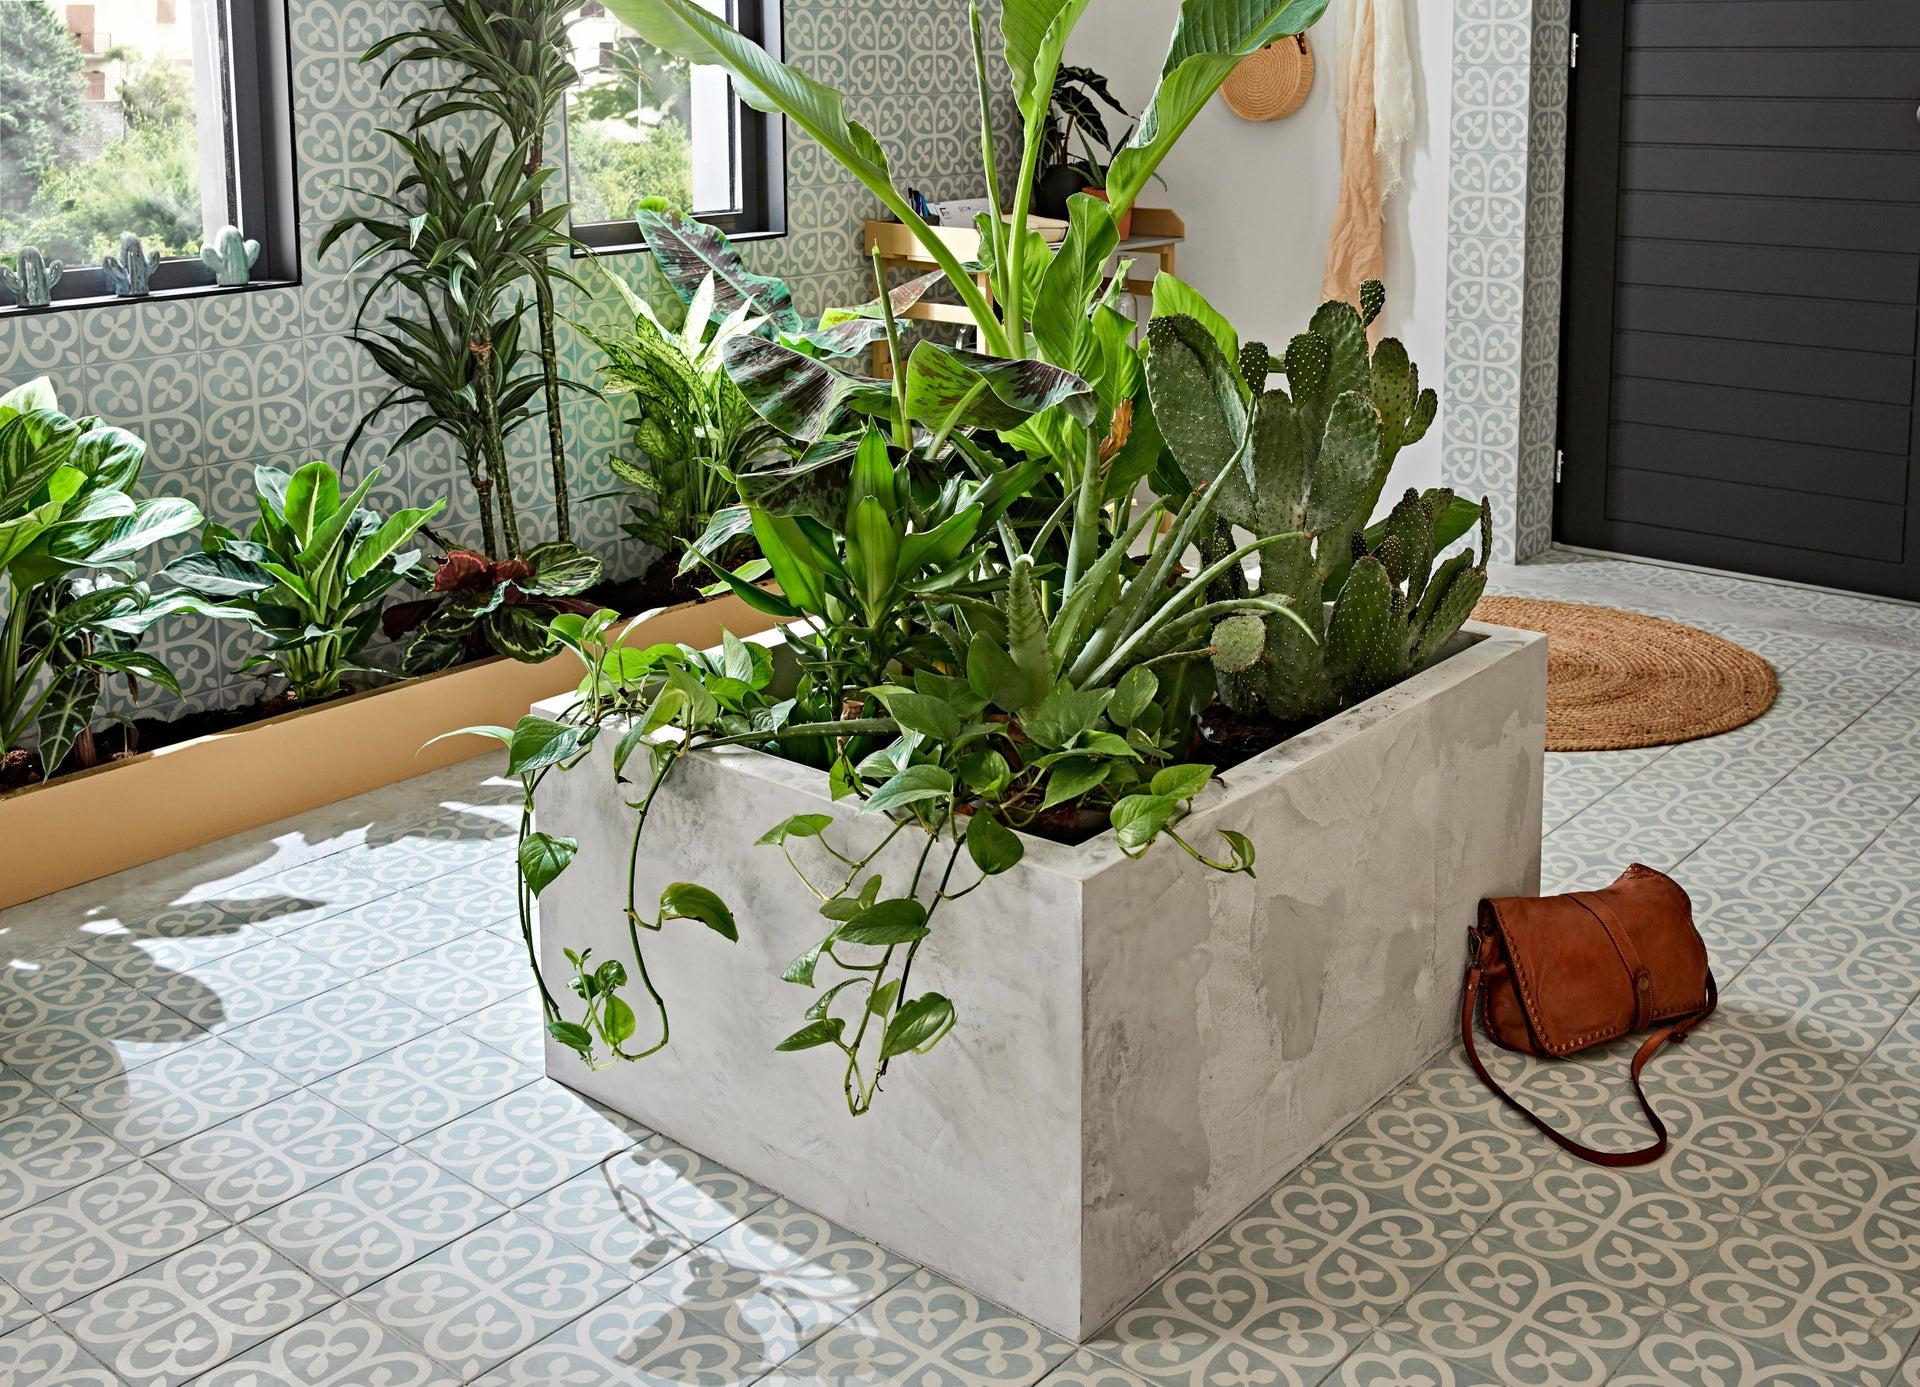 Piastrella Villandry 20 x 20 cm sp. 8.2 mm PEI 4/5 verde - 16